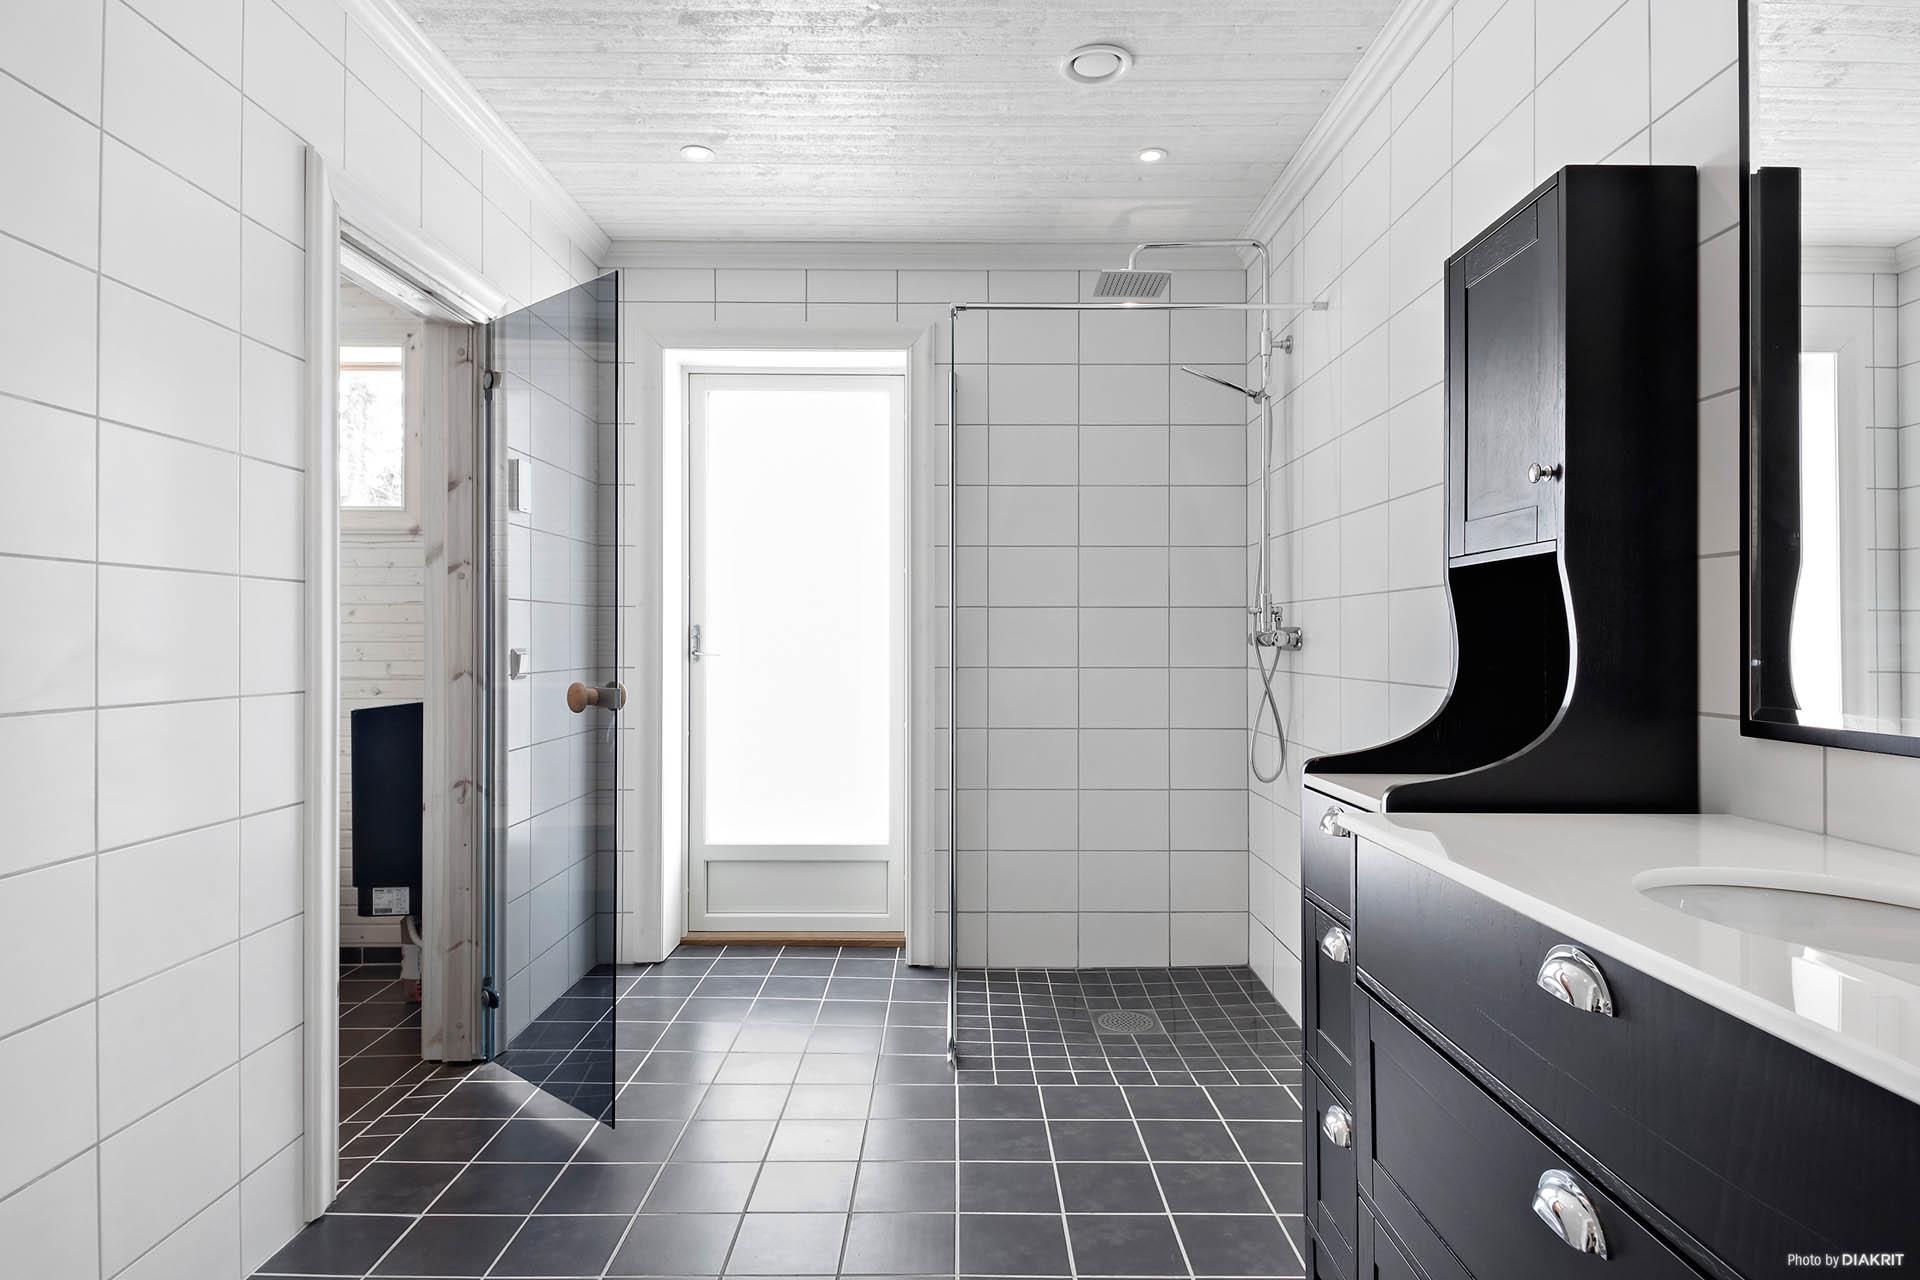 Badrumsmöblerna kommer vara vita. Möjlighet för en köpare i tidigt stadie välja annan färg som tillval.